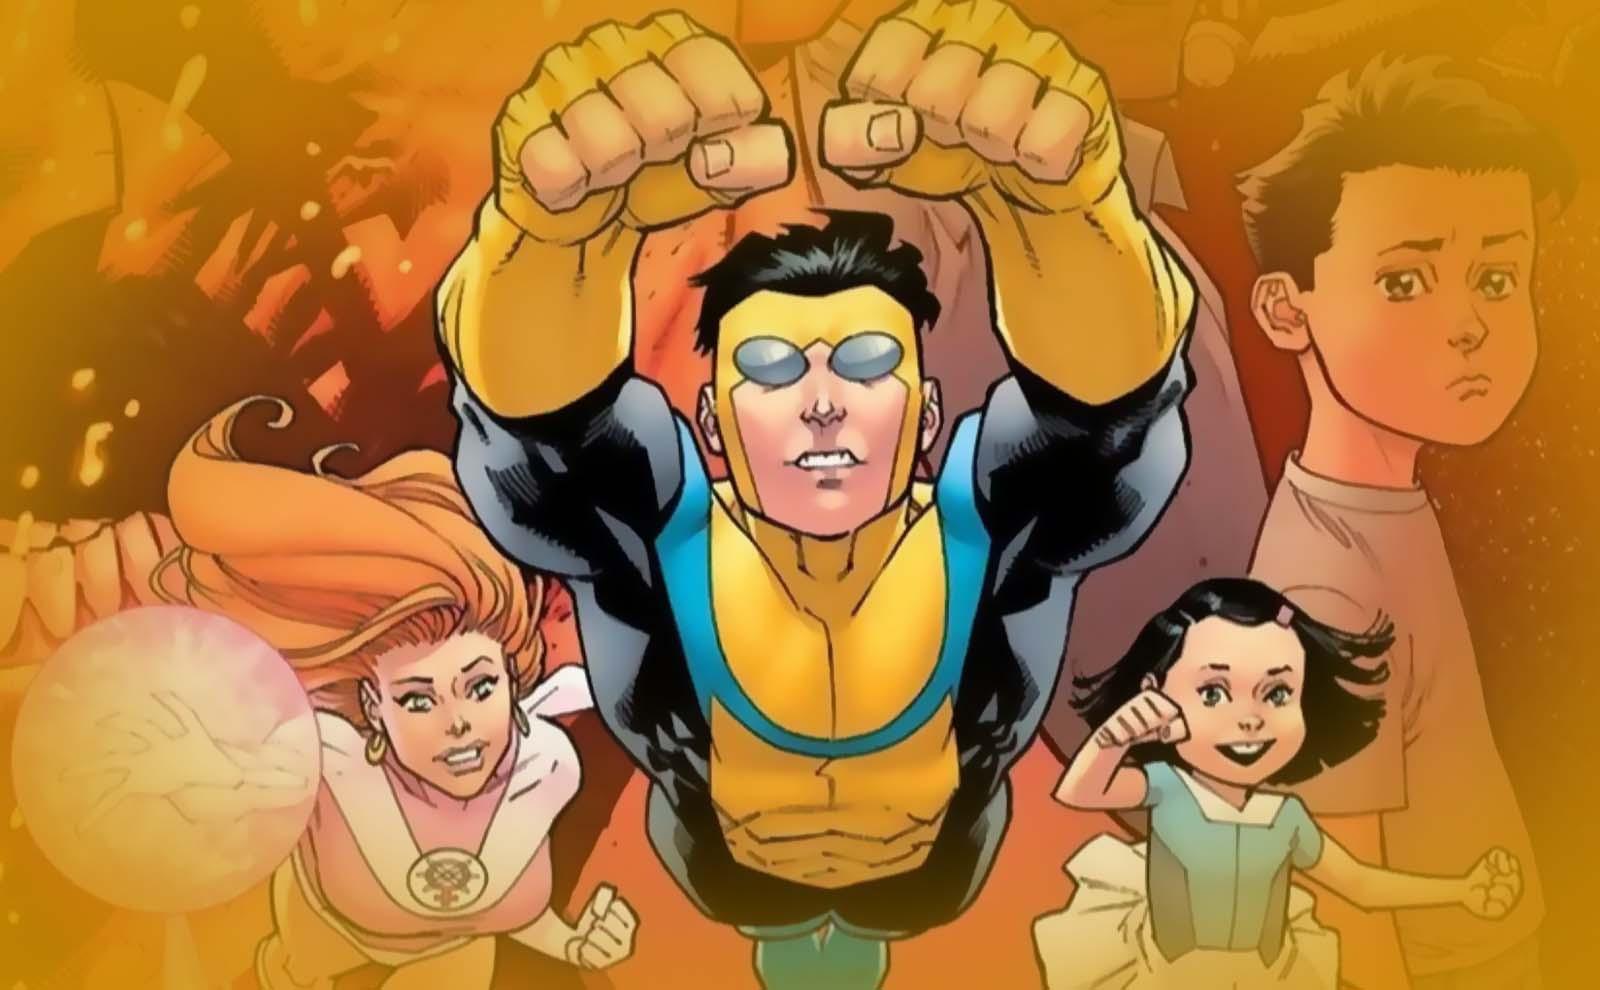 Krytyka statusu quo, czyli czemu Invincible nie jest superbohaterem?